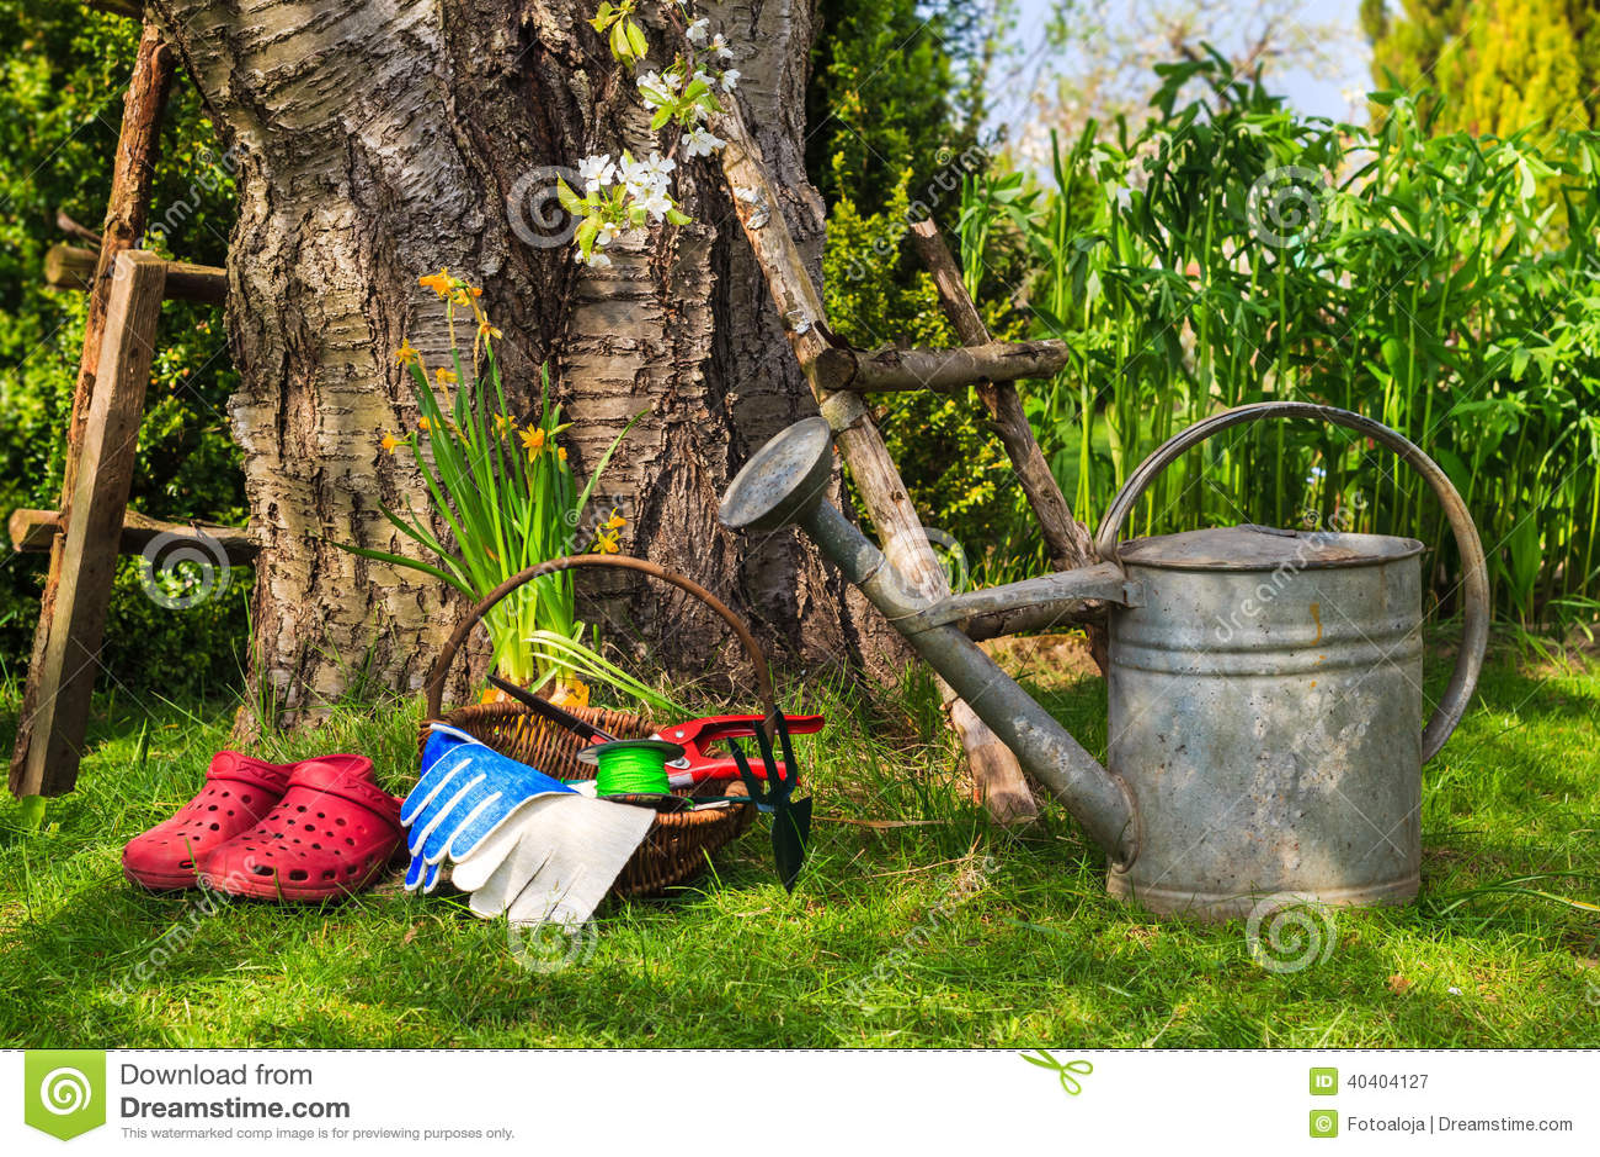 Equipa el jard n de la primavera del trabajo del equipo - Lavori in giardino ...